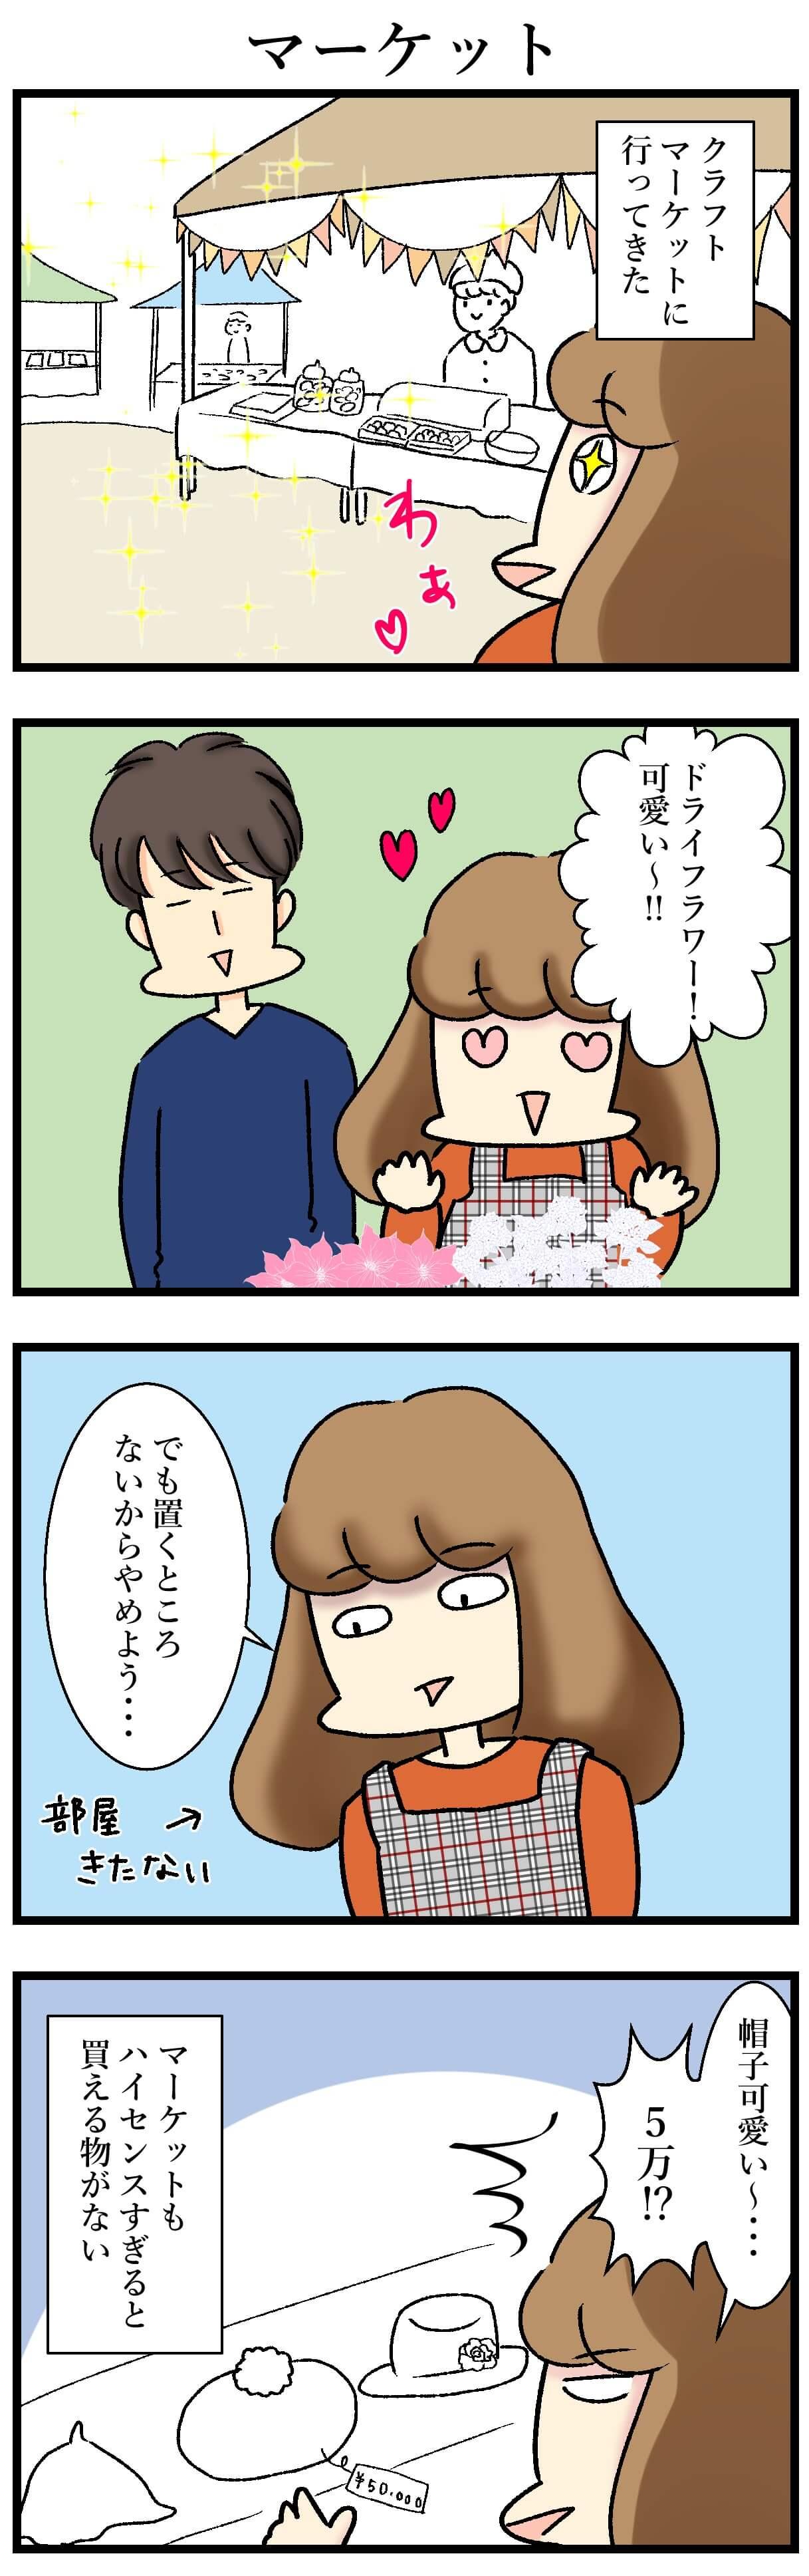 【エッセイ漫画】アラサー主婦くま子のふがいない日常(85)